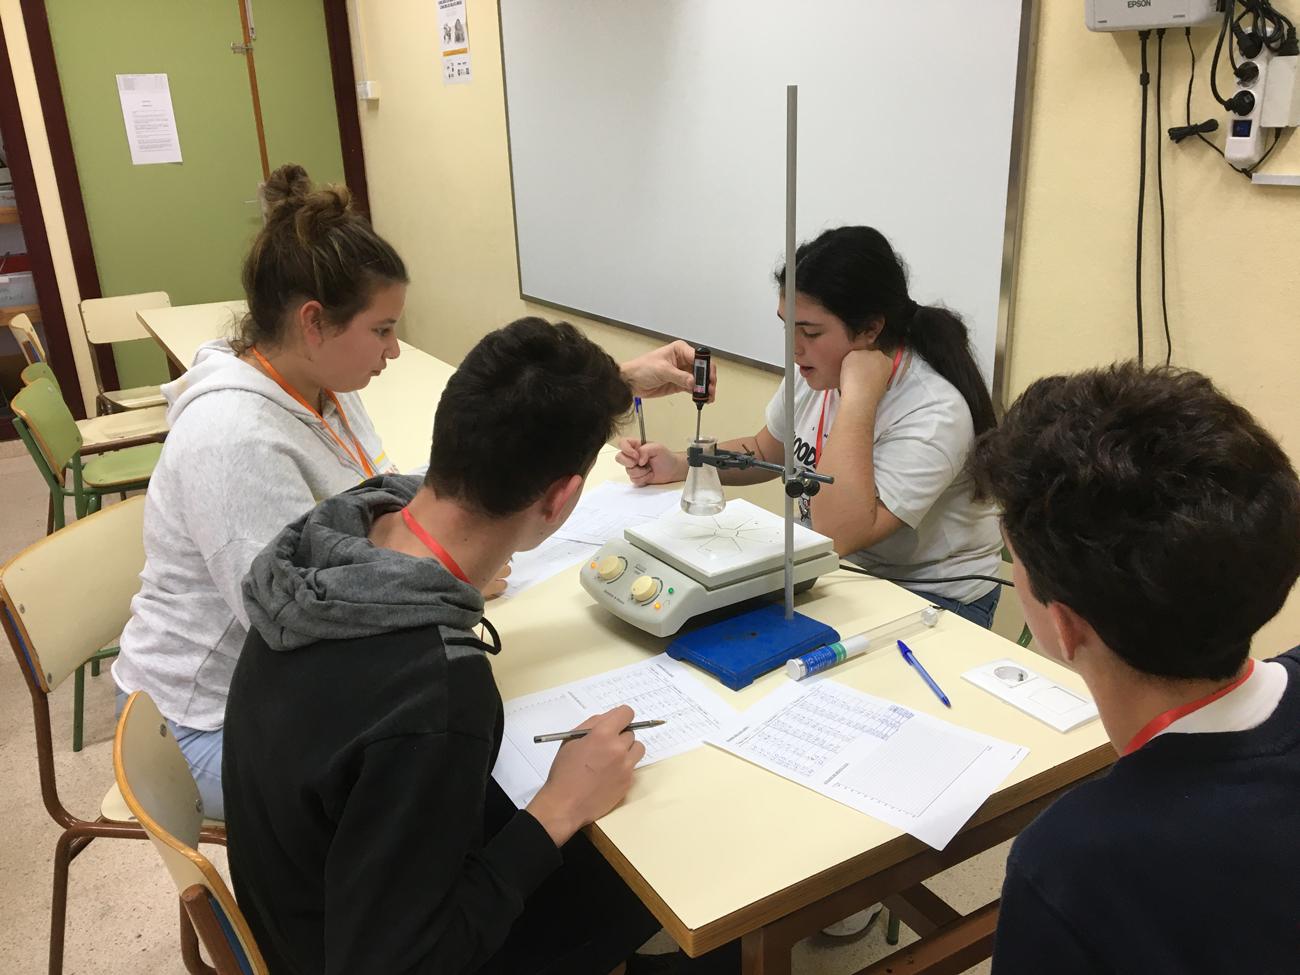 Las prácticas de laboratorio grupales también son evaluables.